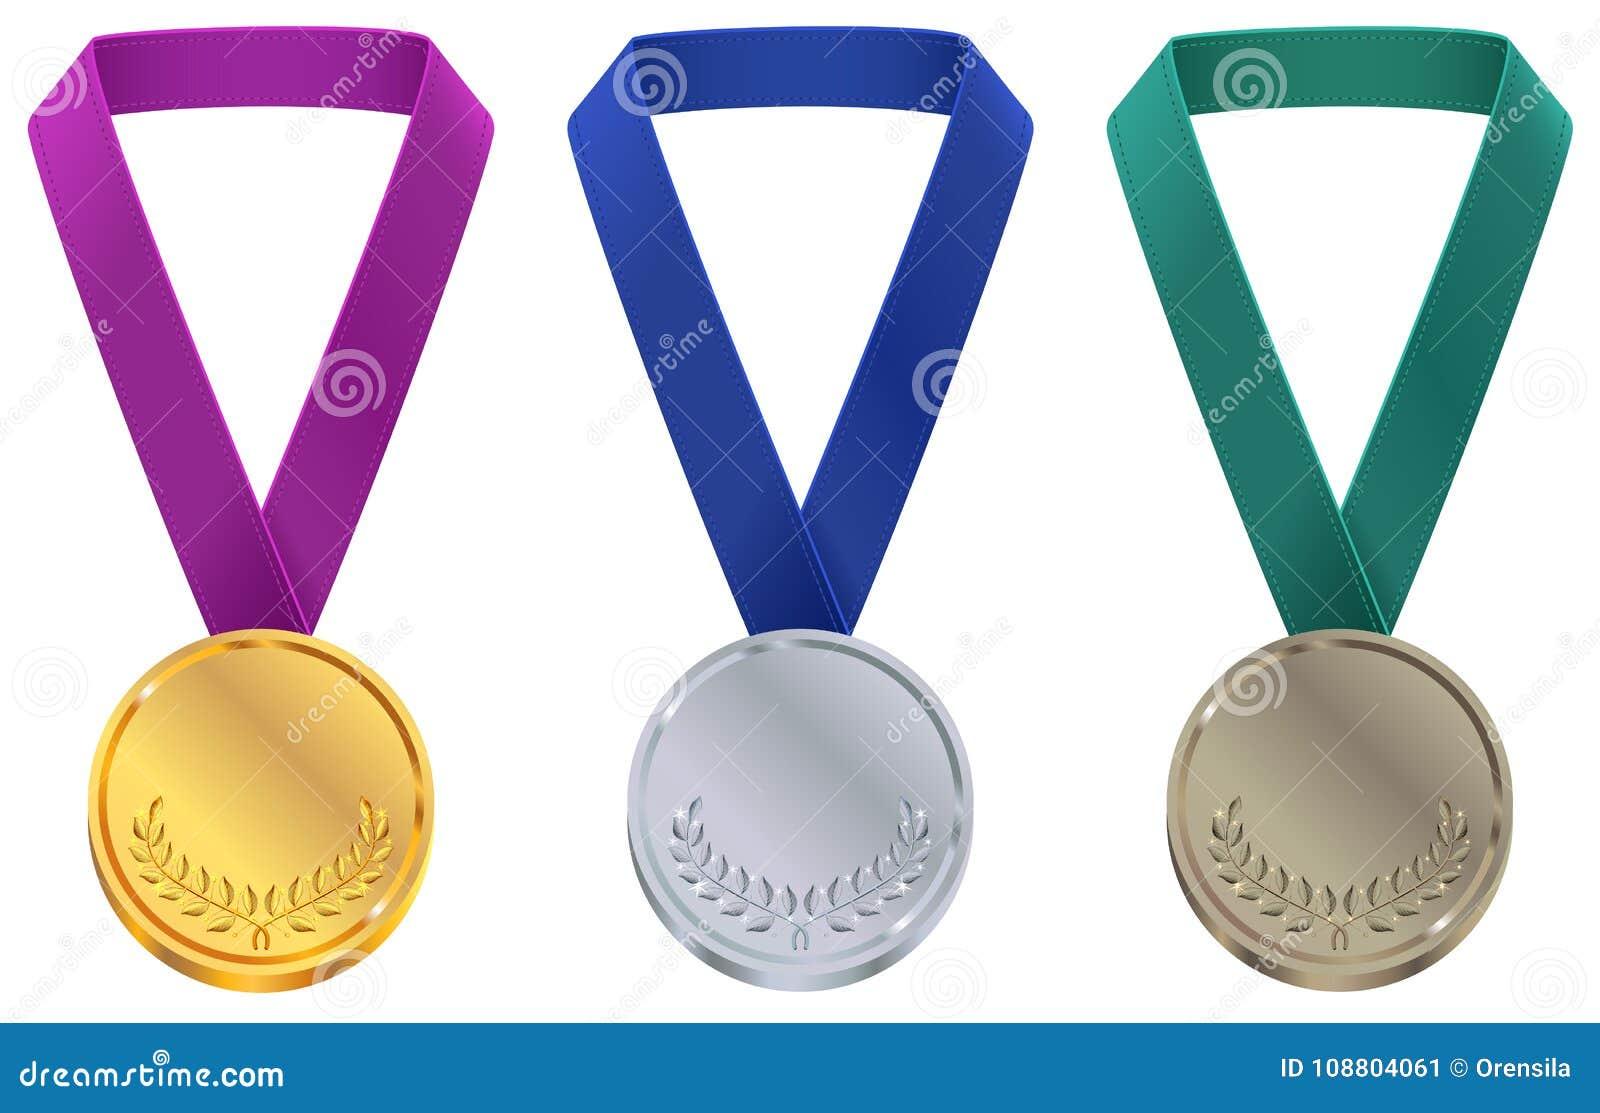 Oro, argento e medaglia di bronzo al modello dei giochi di olimpiade invernale Metta la medaglia di sport su nastro